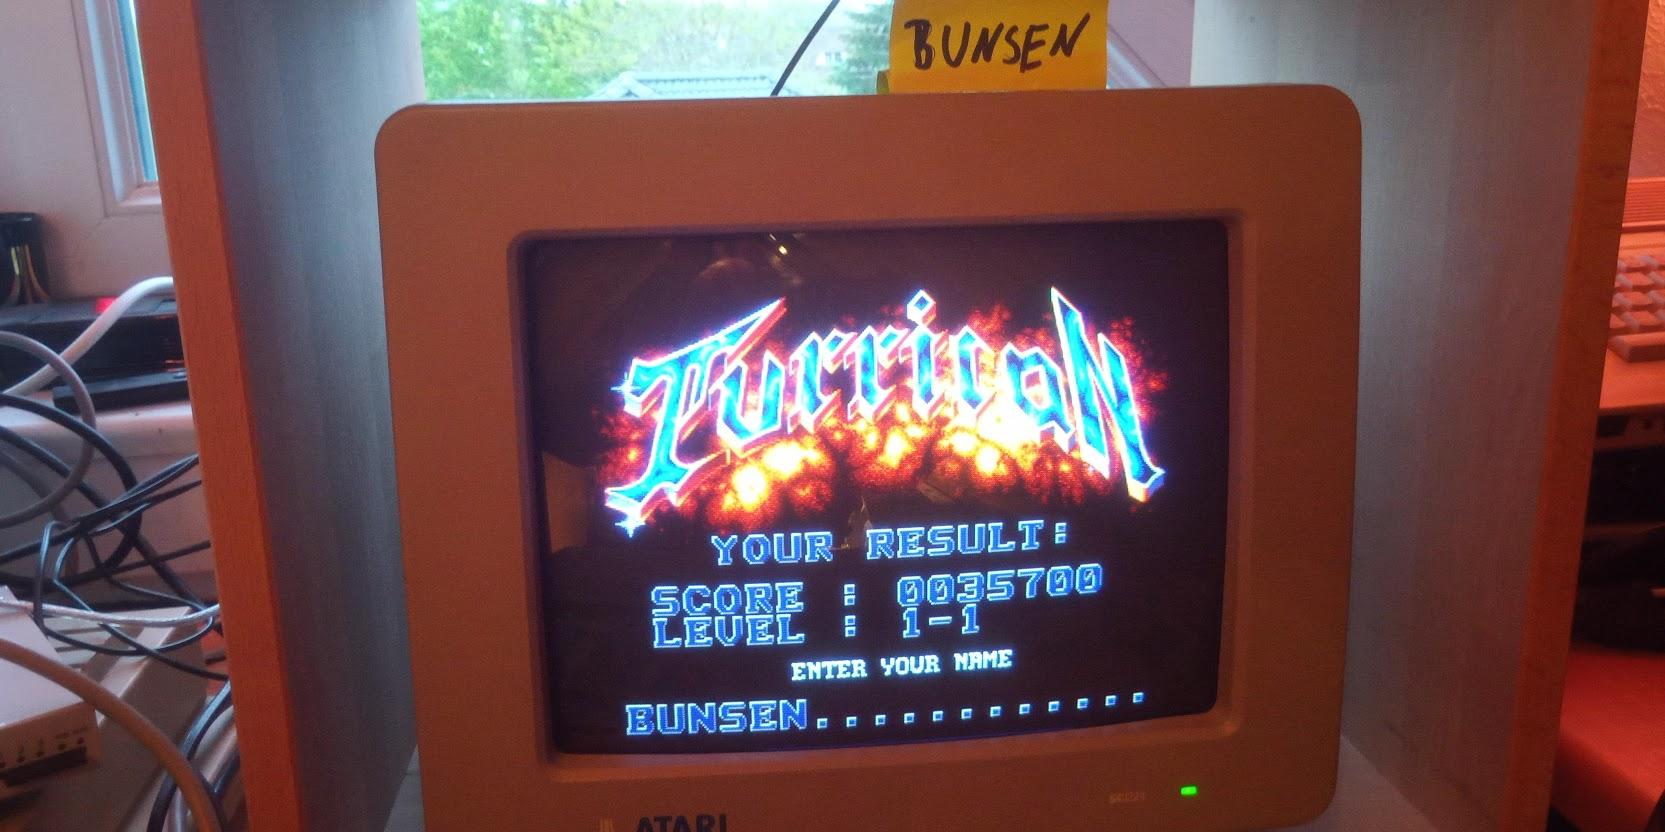 Bunsen: Turrican (Atari ST) 35,700 points on 2021-05-22 15:19:22